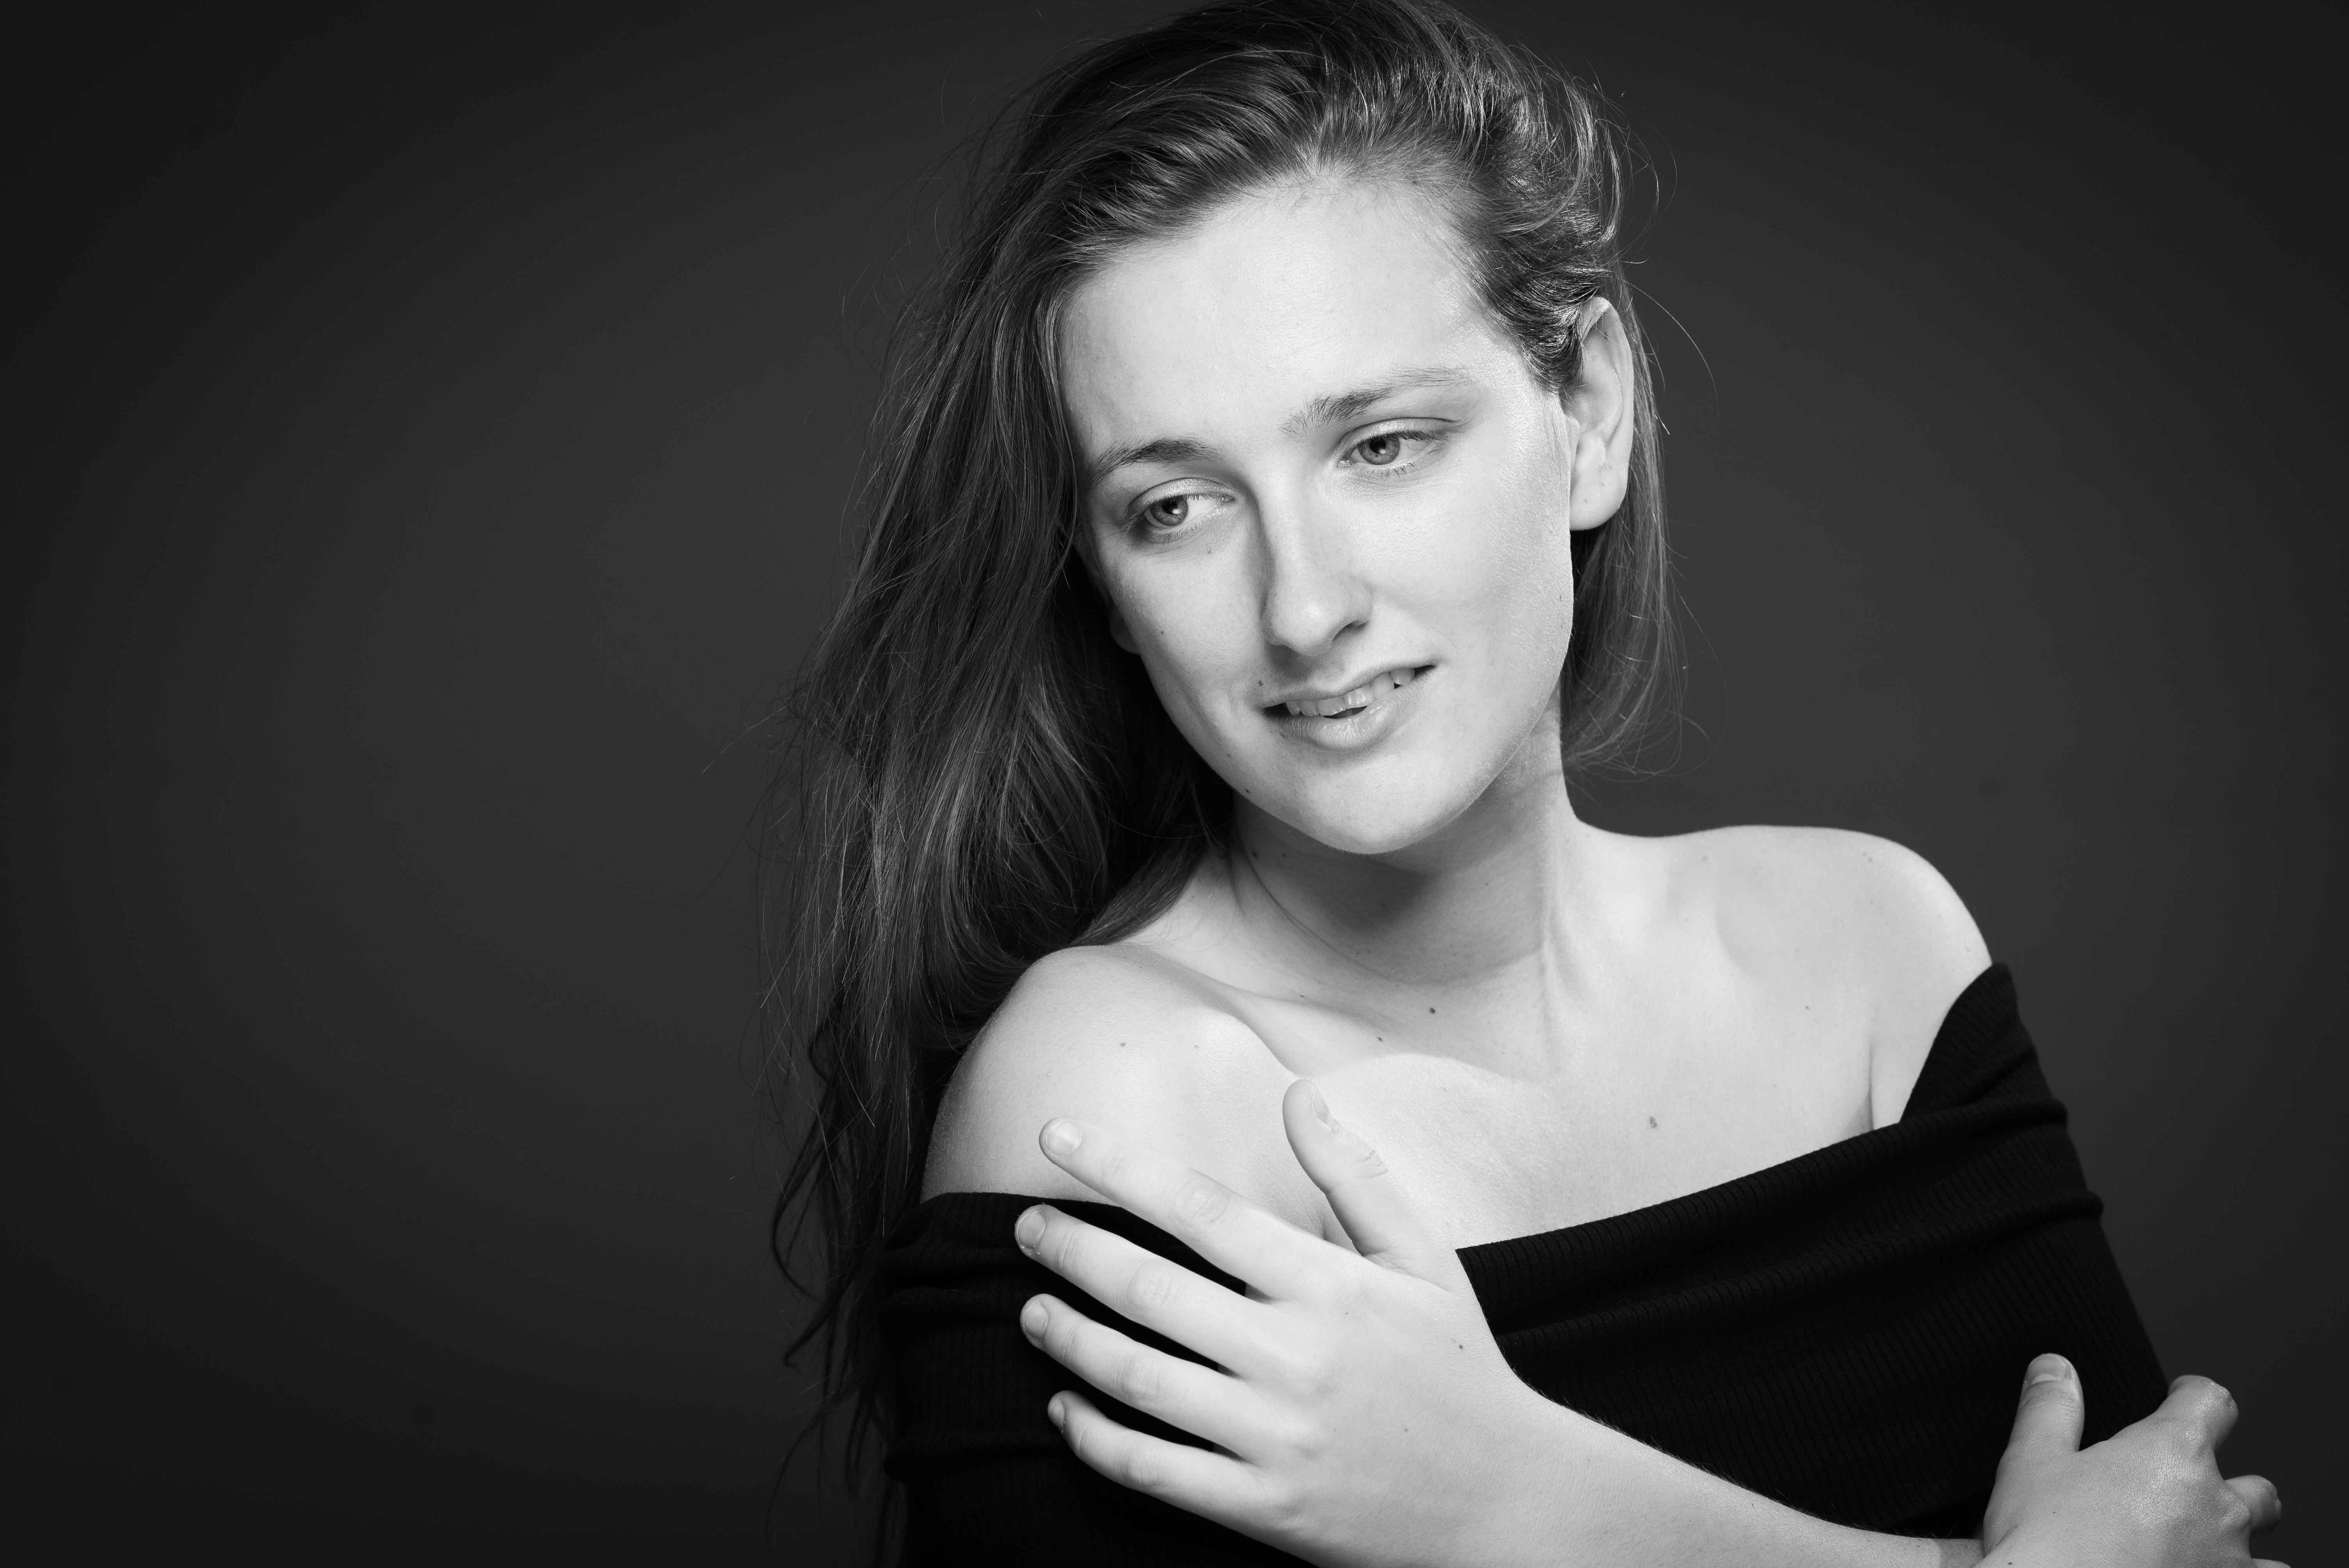 Lone Rasmussen Photography, www.lonerasmussenphotography.dk, portræt, model, kvinde, sort-hvid